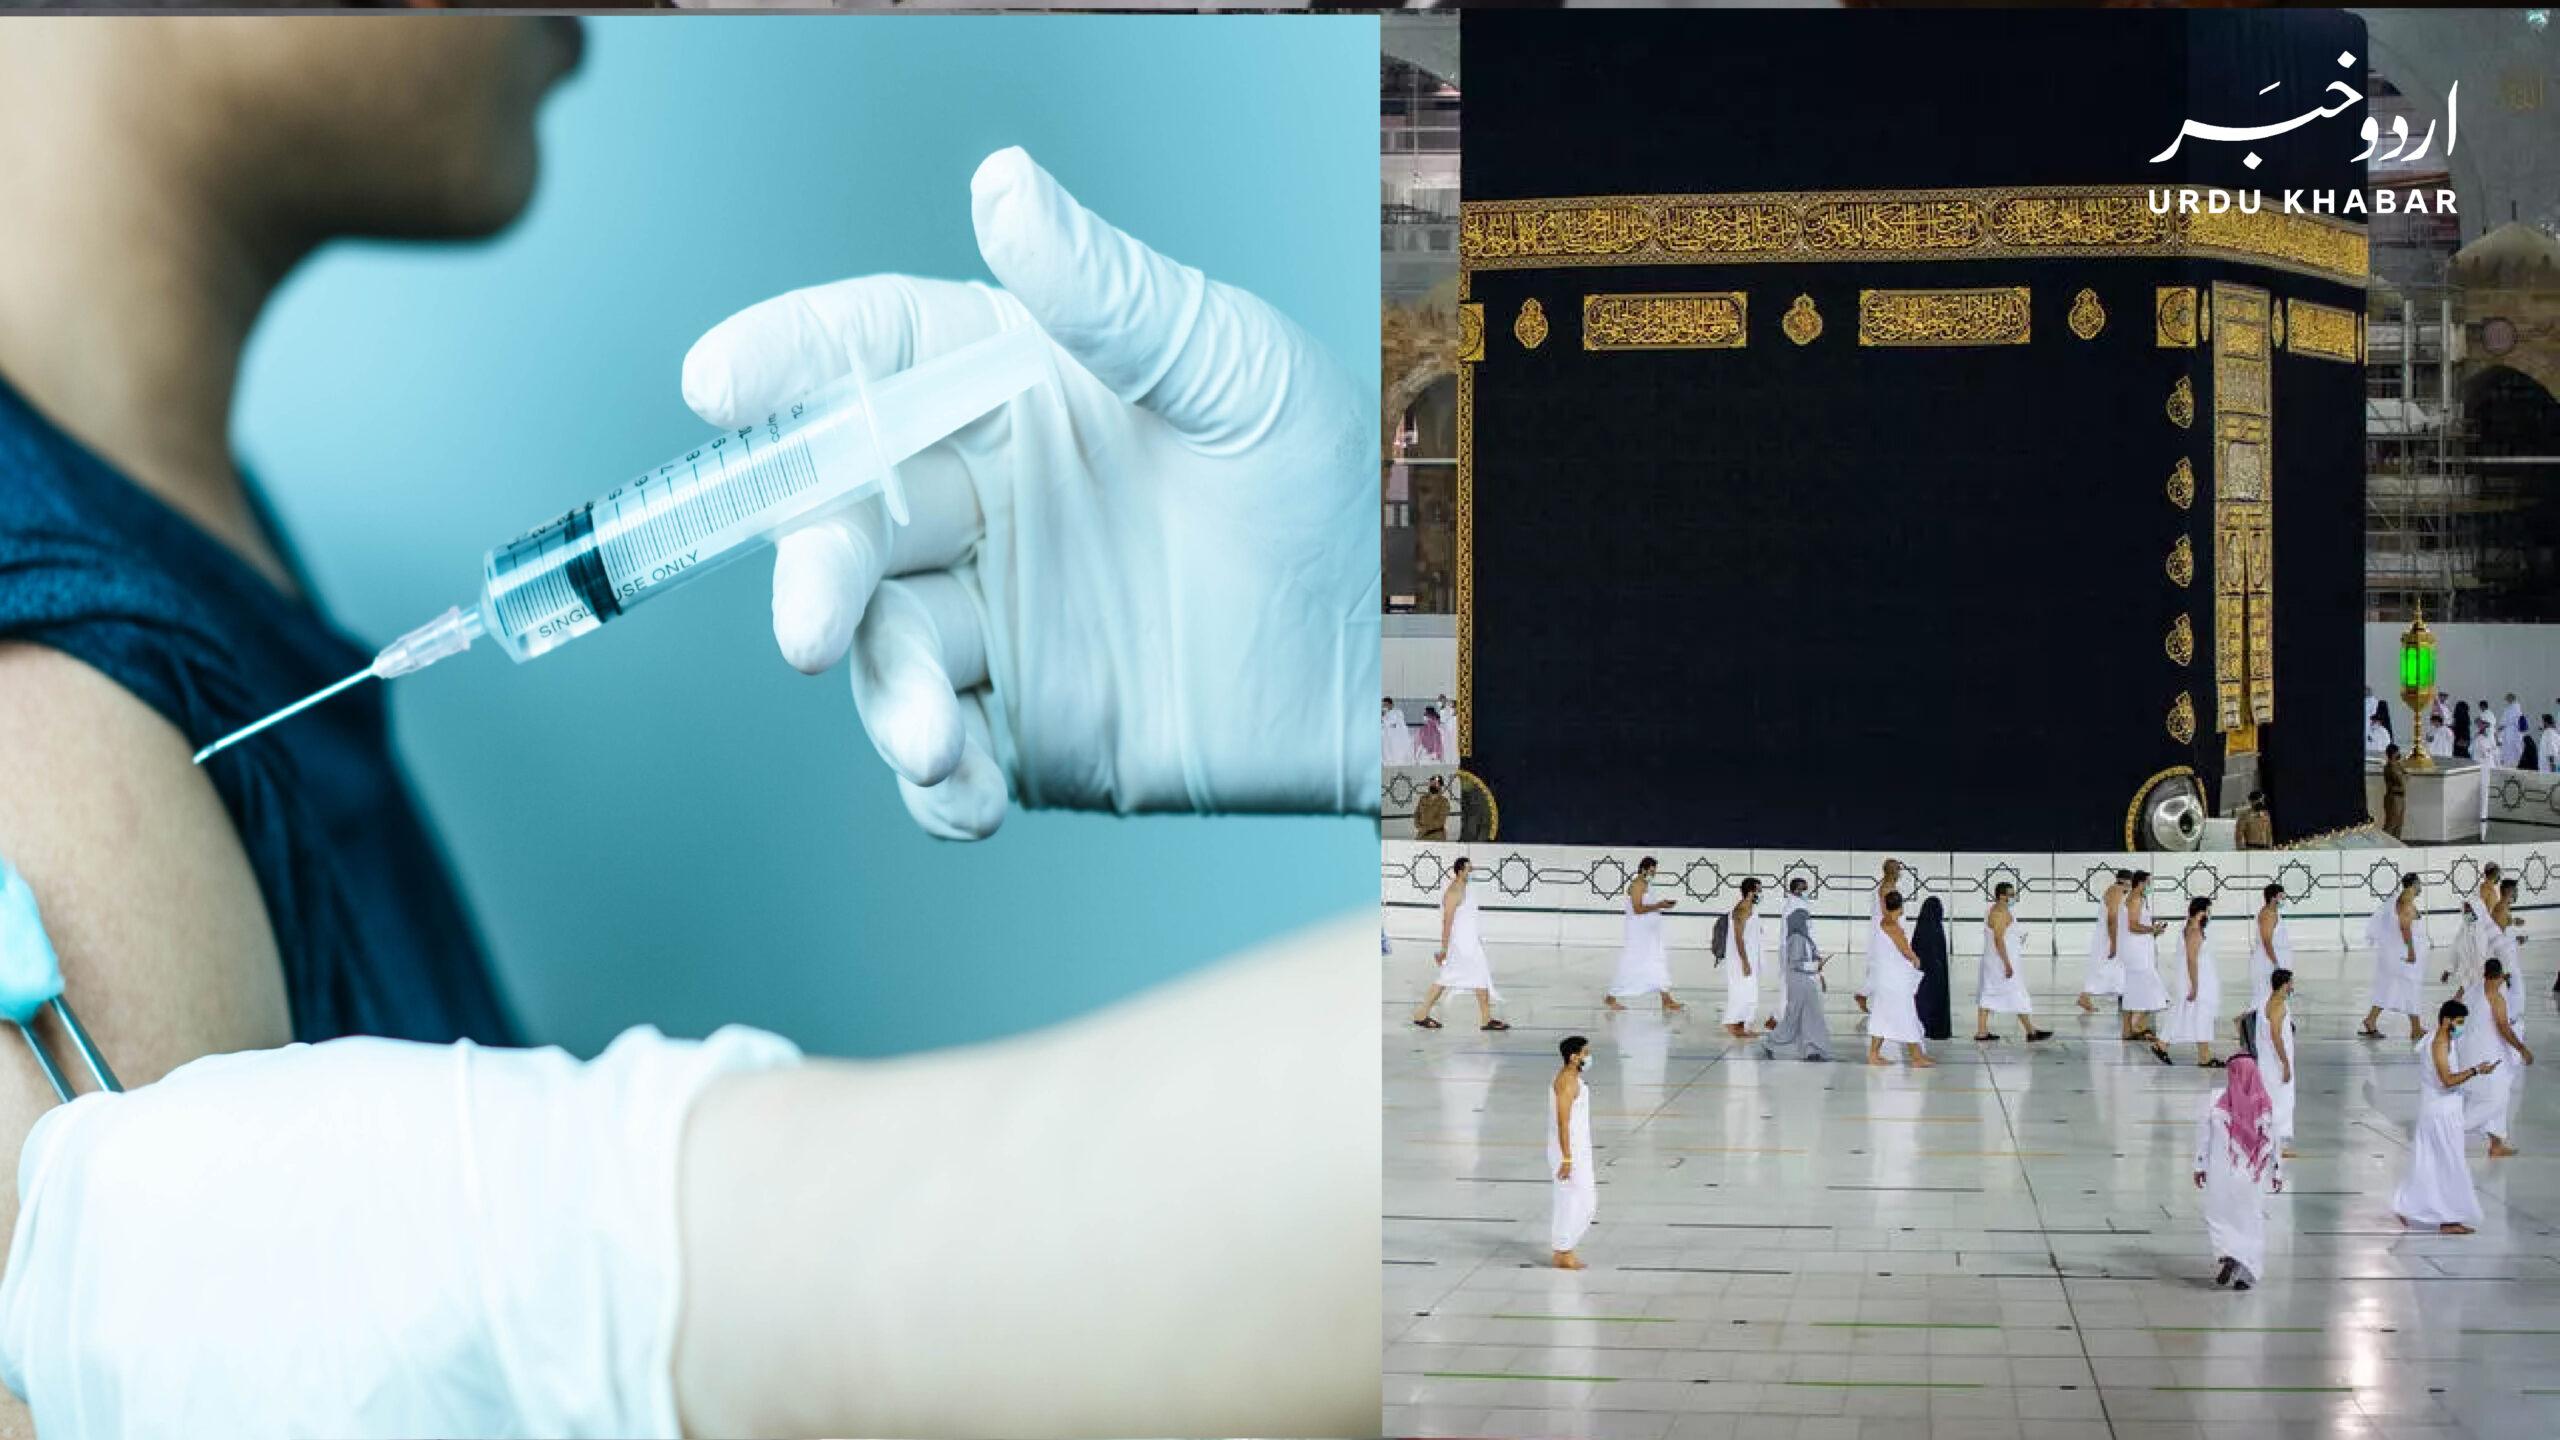 سعودیہ عرب کا صرف ویکسن لگوانے والوں کو حج اور عمرہ کی اجازت دینے کا فیصلہ